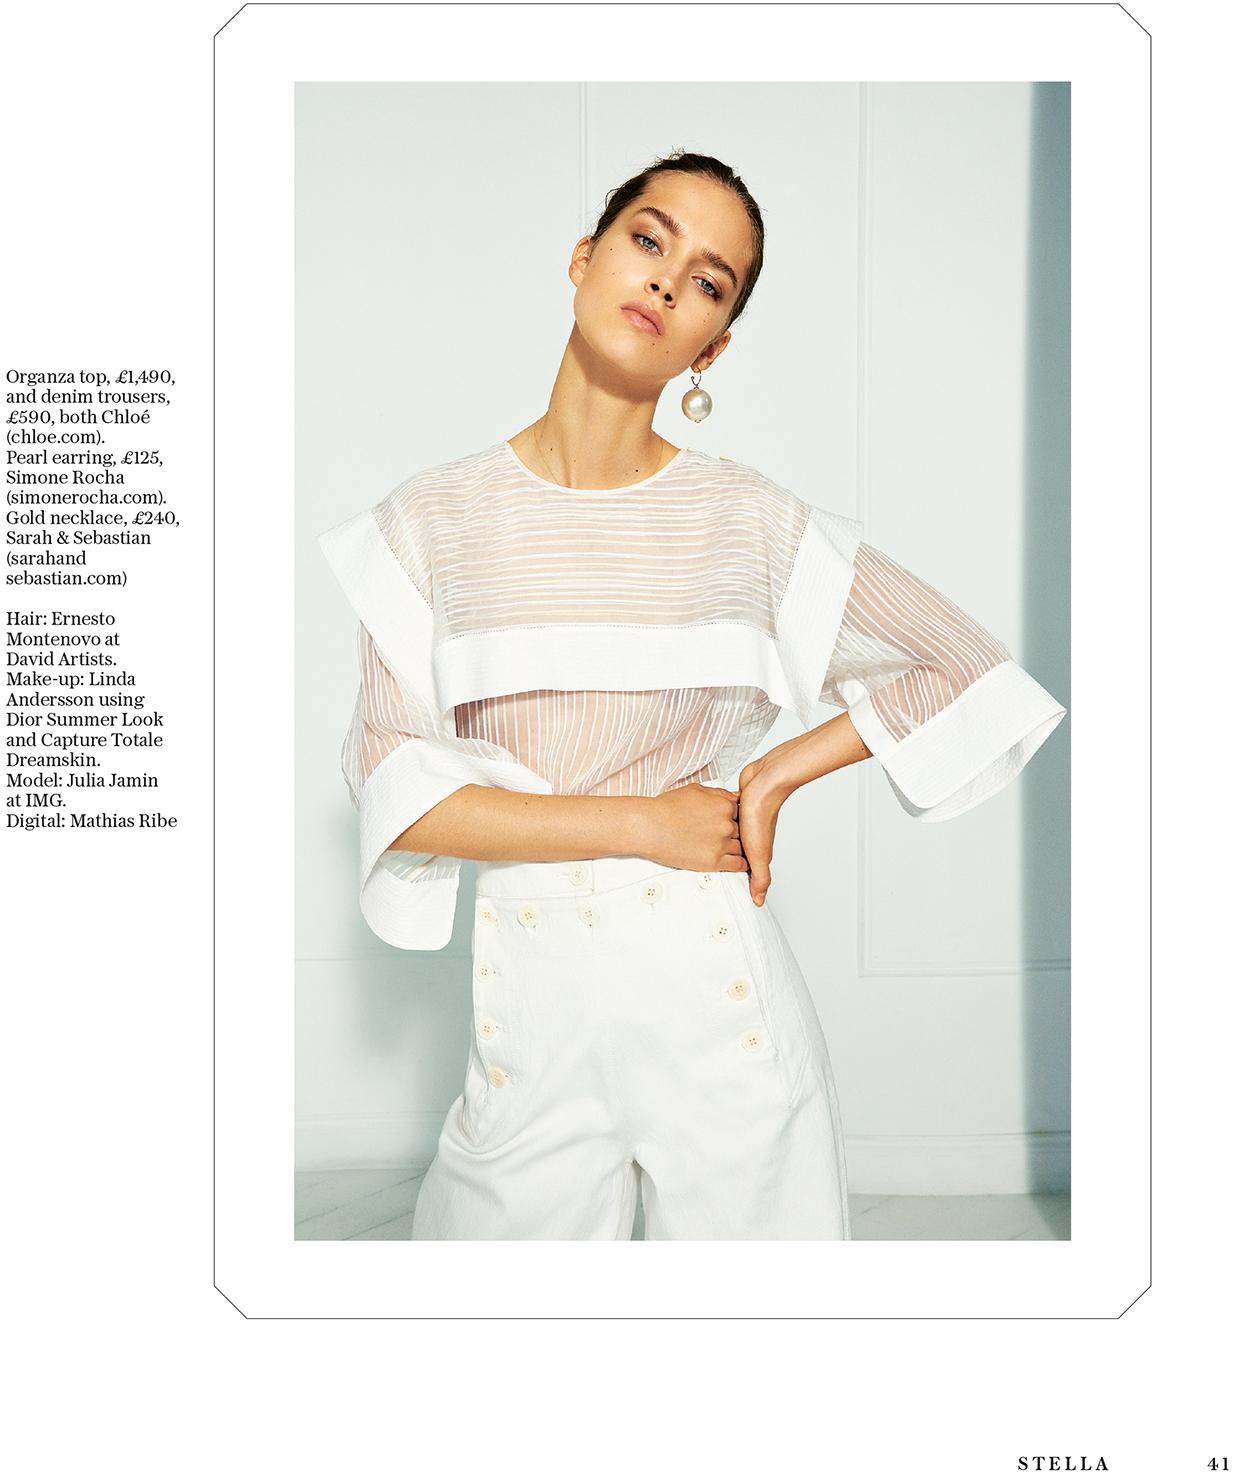 Sunday Telegraph Magazine_14-05-2017_Main_1st_p41b.jpg